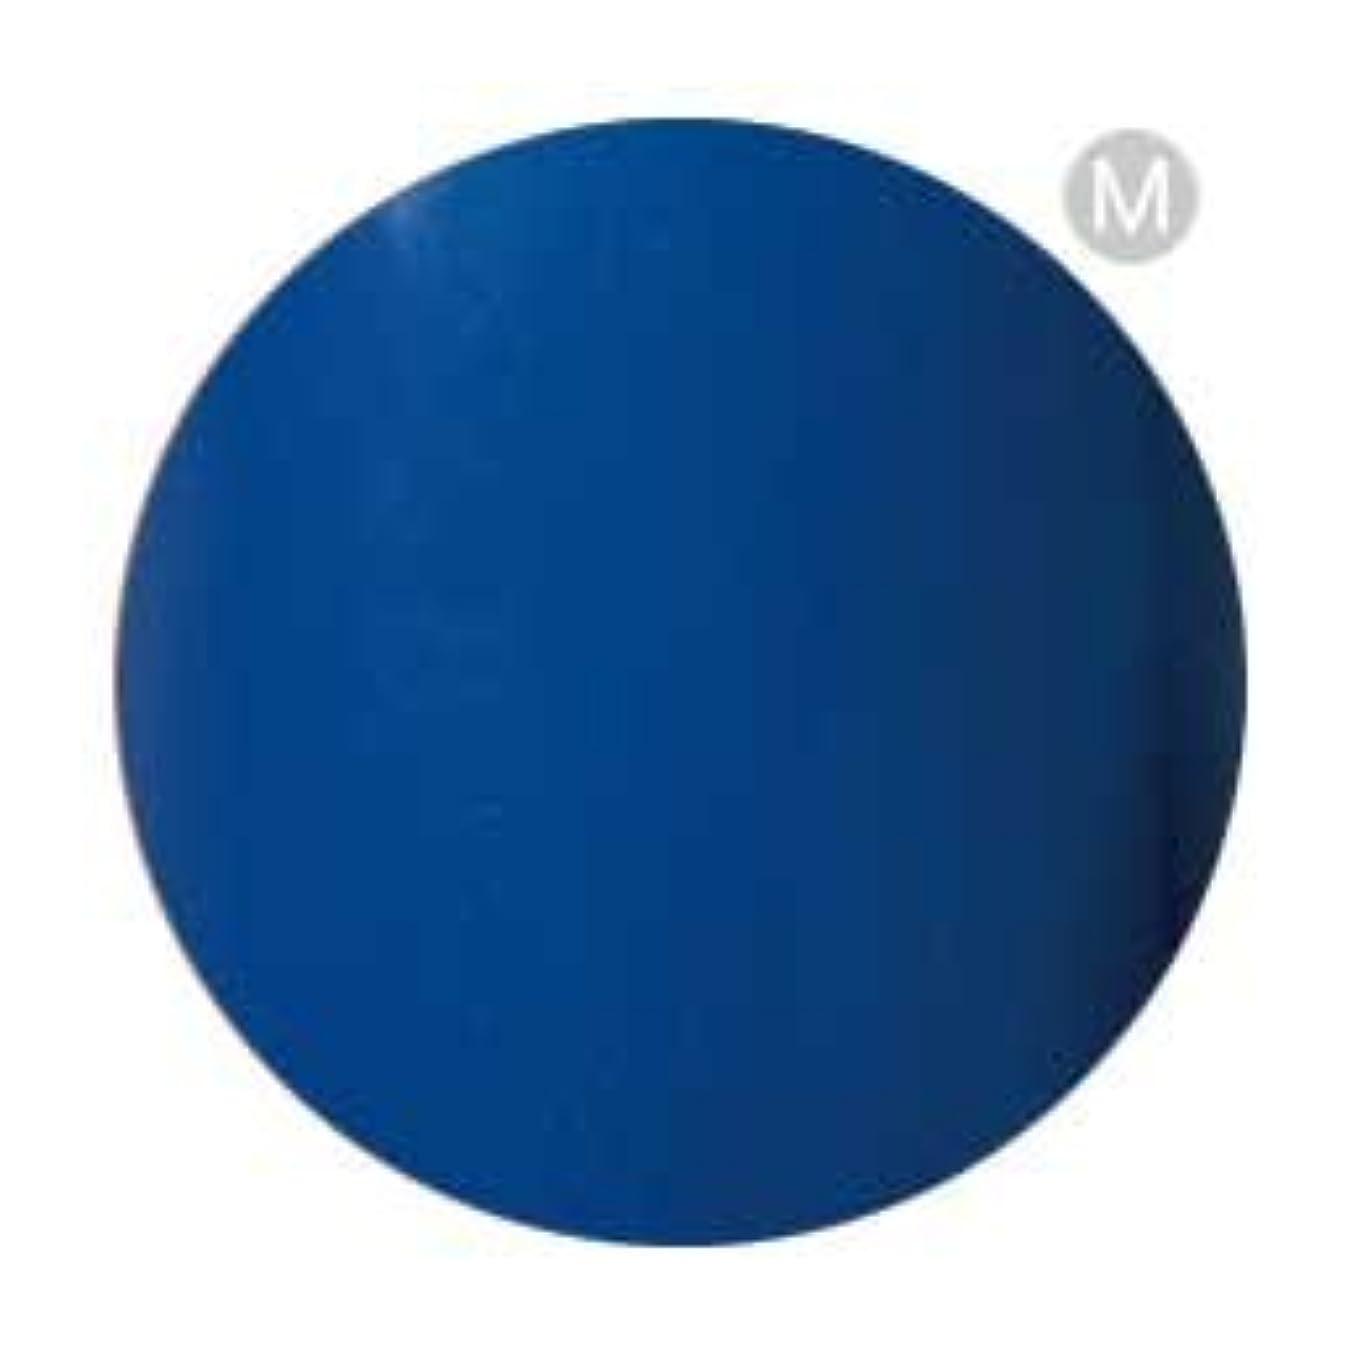 窓を洗う怠けた文明化Palms Graceful カラージェル 3g 004 ブルー